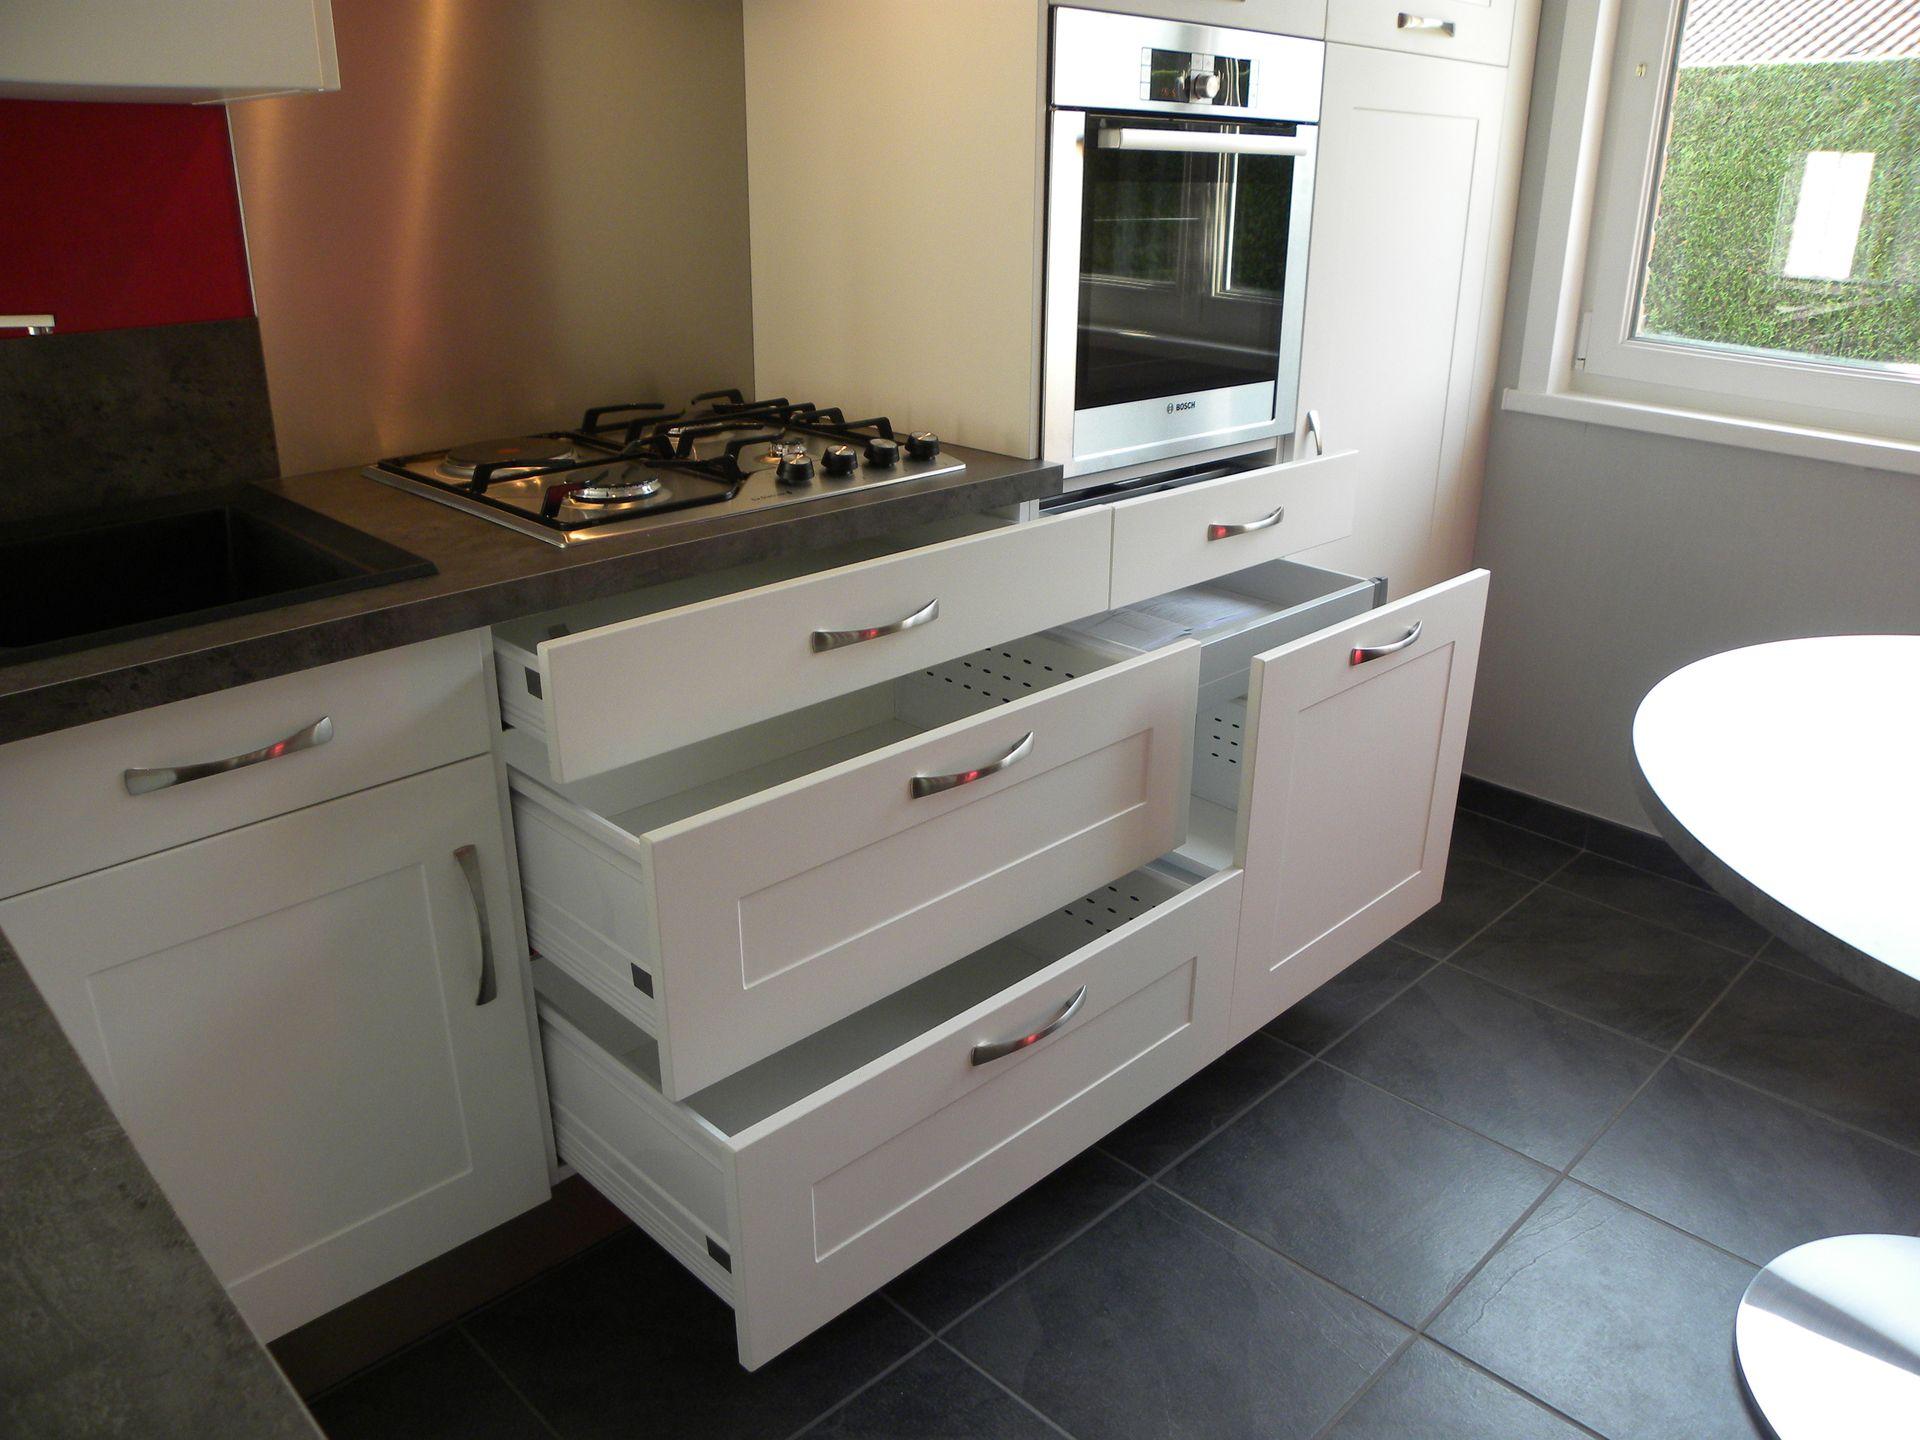 Cuisine Ikea Tours : Cuisines Dressings Salles de Bains Rénovation Meubles A propos